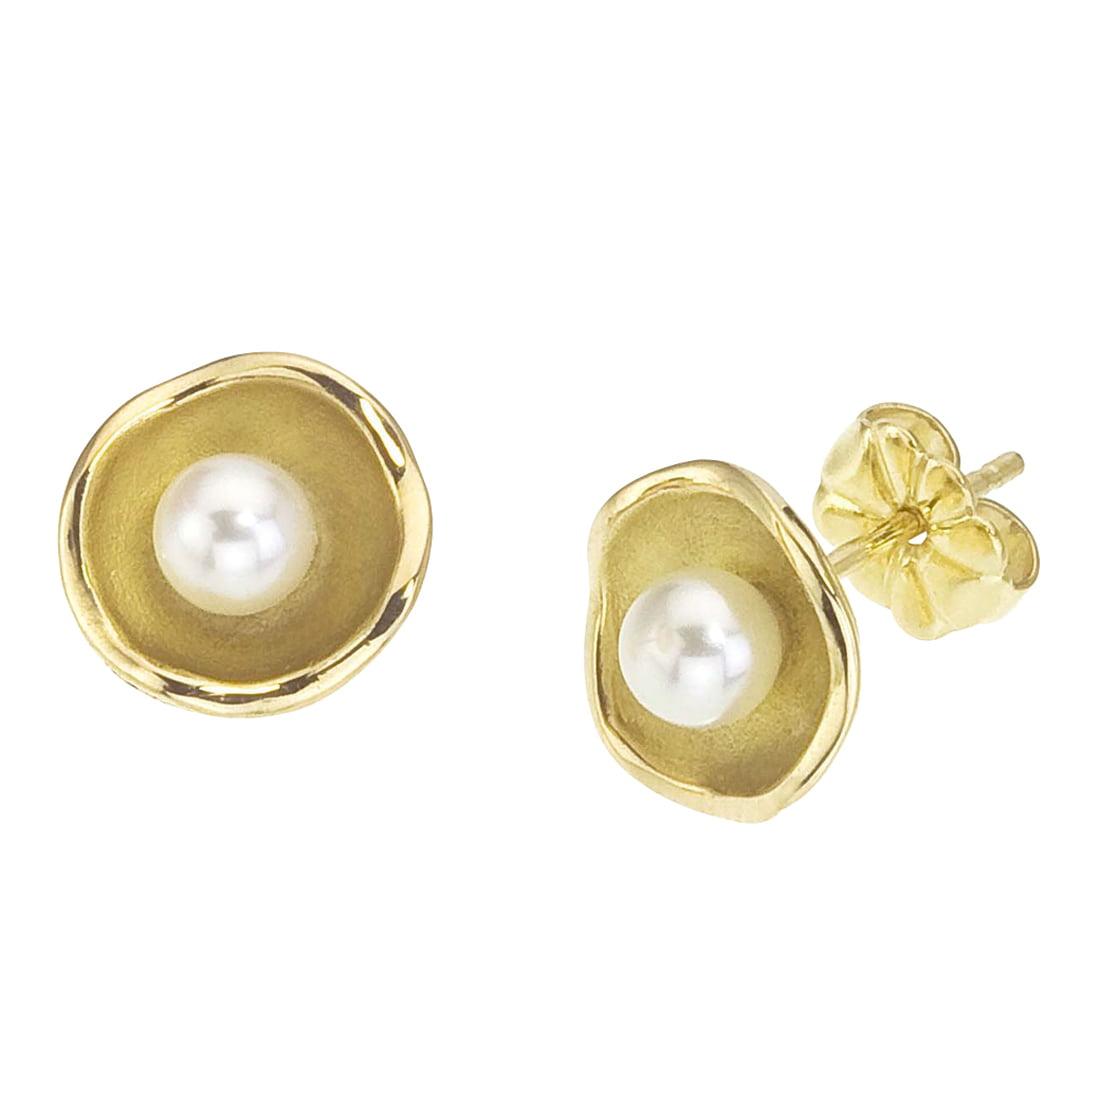 18K Yellow Gold Pearl Stud Earrings